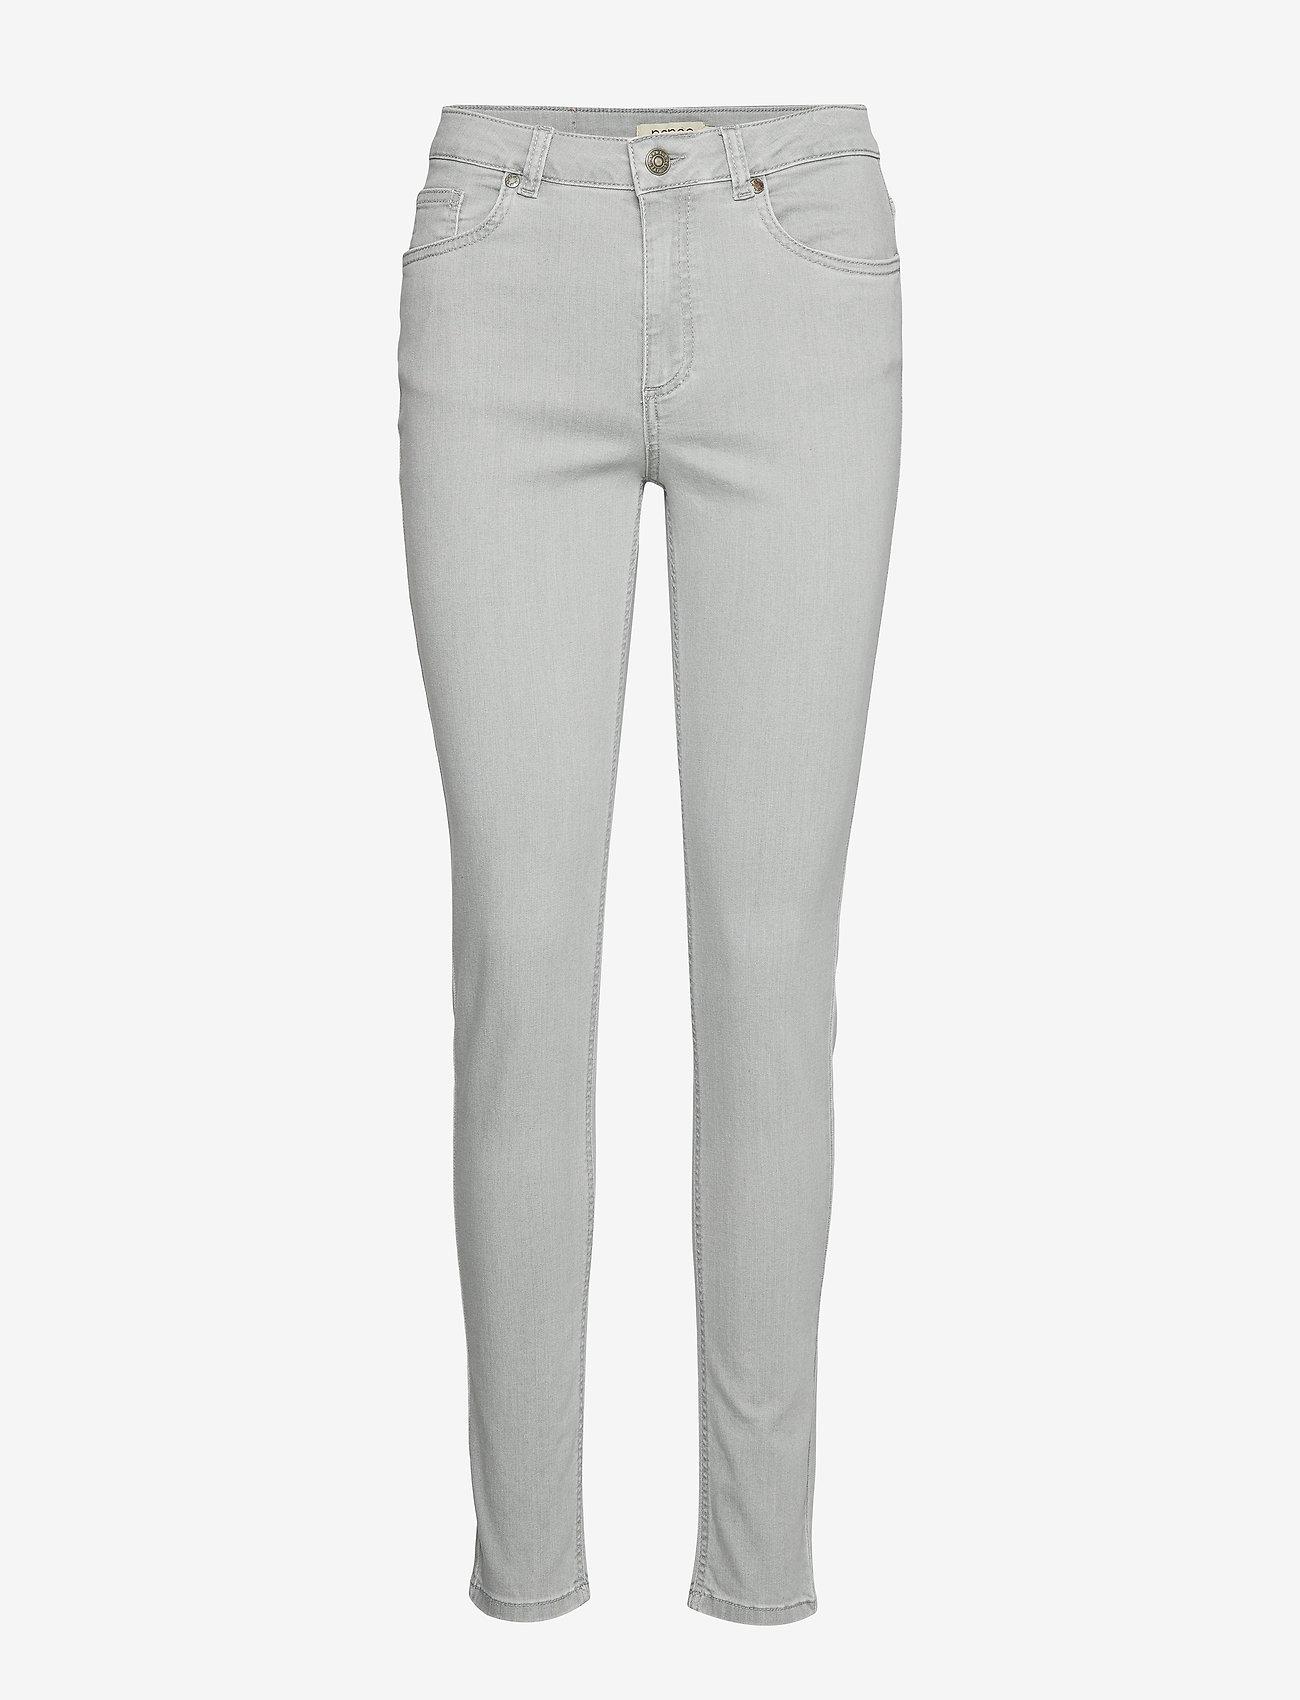 Nanso - Ladies jeans, Demi - dżinsy skinny fit - grey - 0